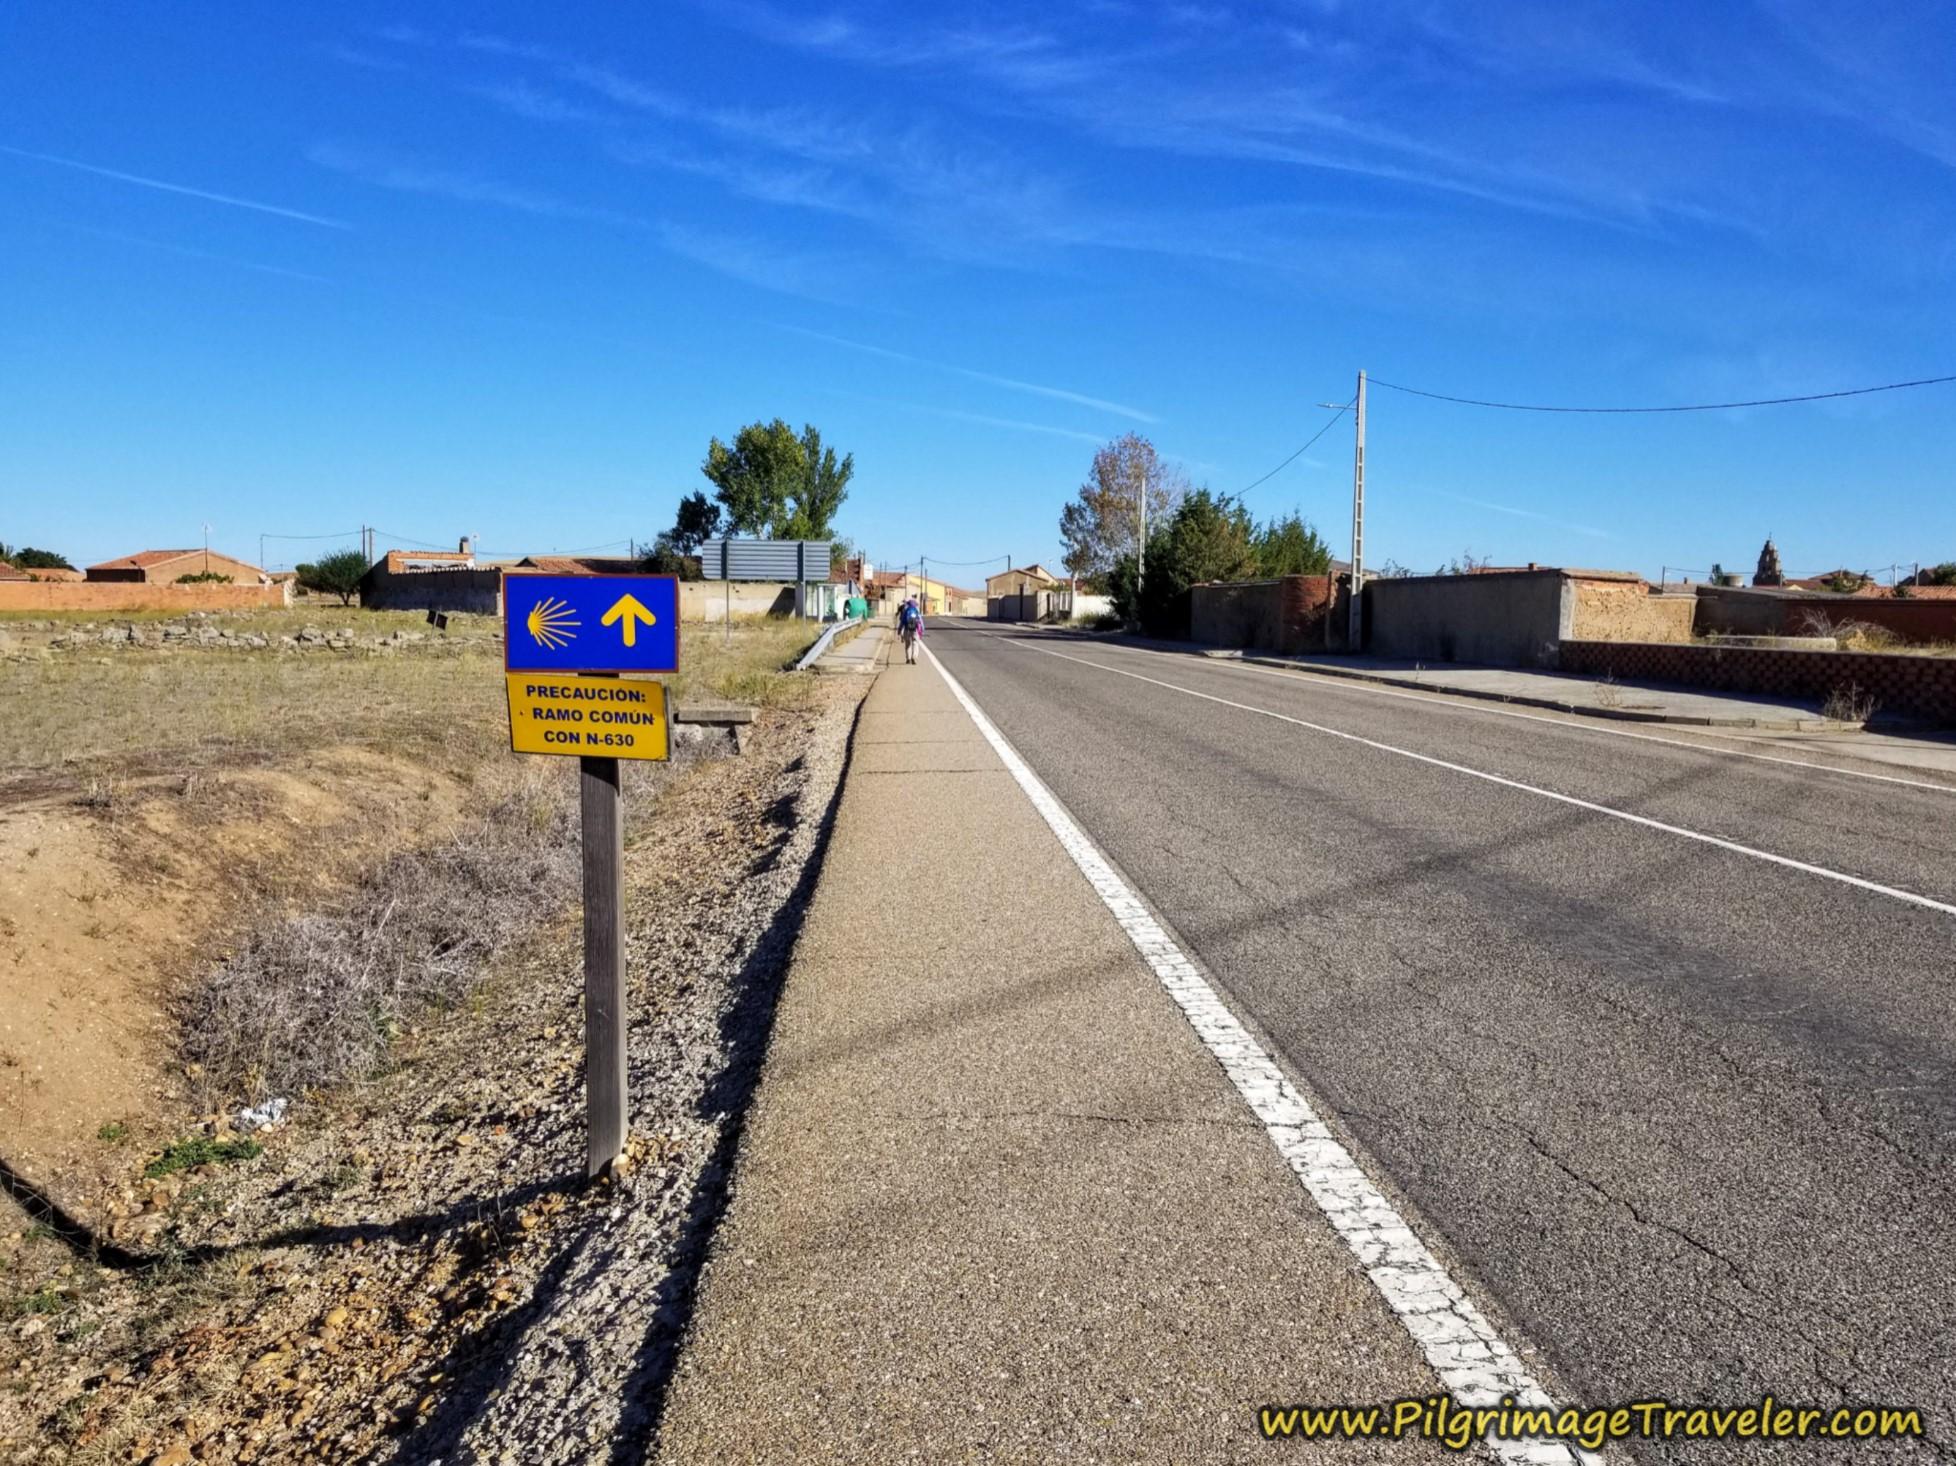 Take the N-630 Into Riego del Camino